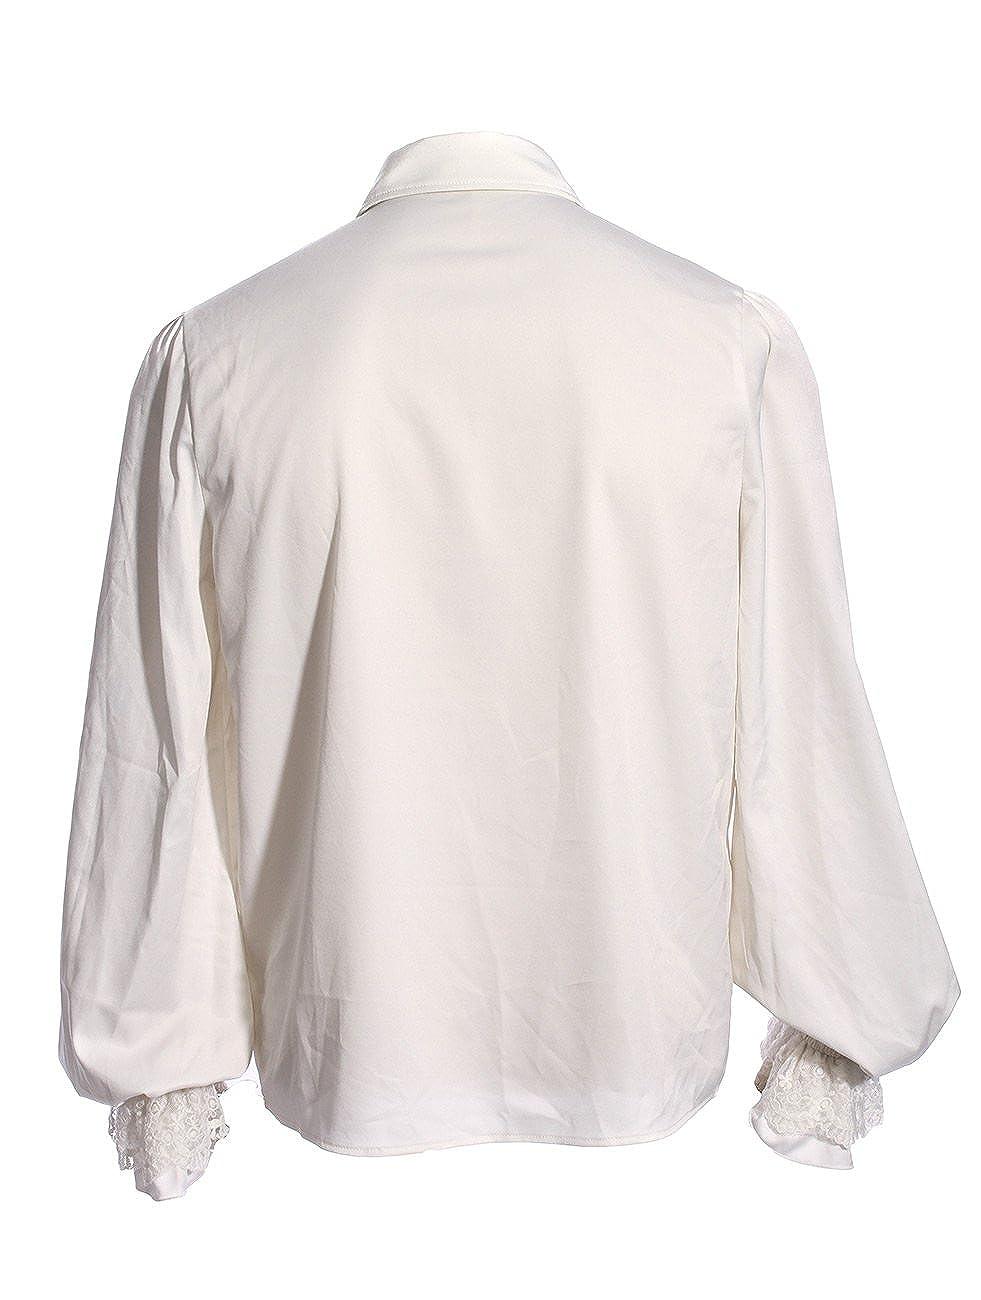 T-shirts, Hauts, Chemises Vêtements Filles (2-16 Ans) Hearty Blouse Tunique Noire à Motif Orchestra Très Bon état Taille 10 Ans 140 Cm High Quality